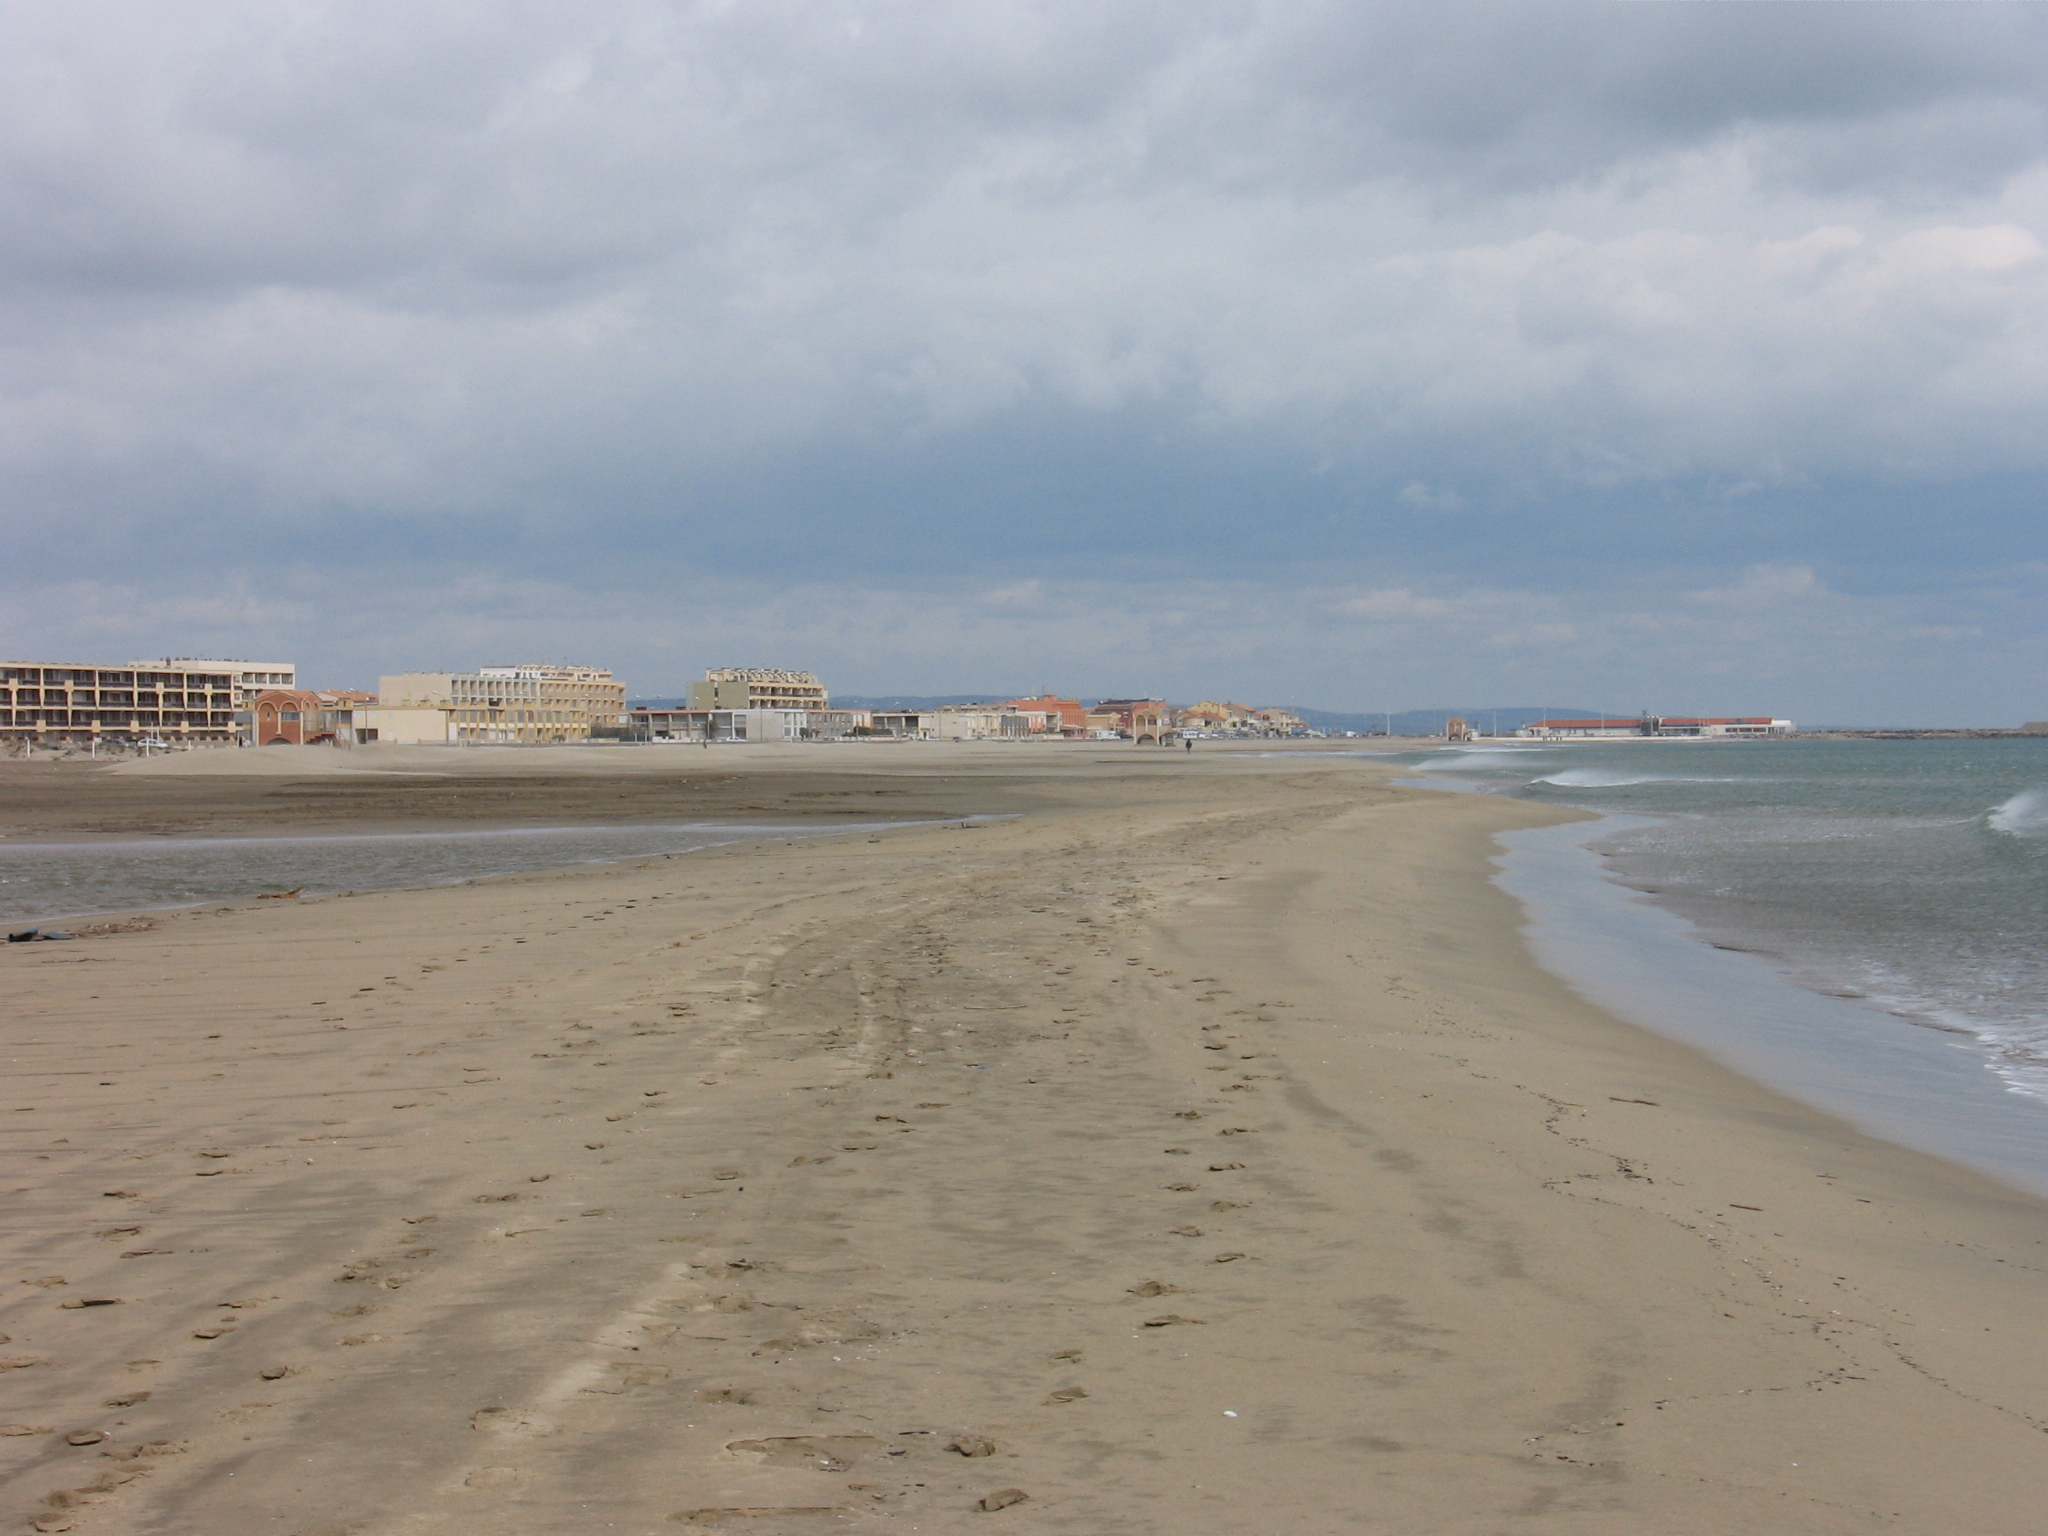 Port la nouvelle plage arts et voyages - Camping de port la nouvelle ...